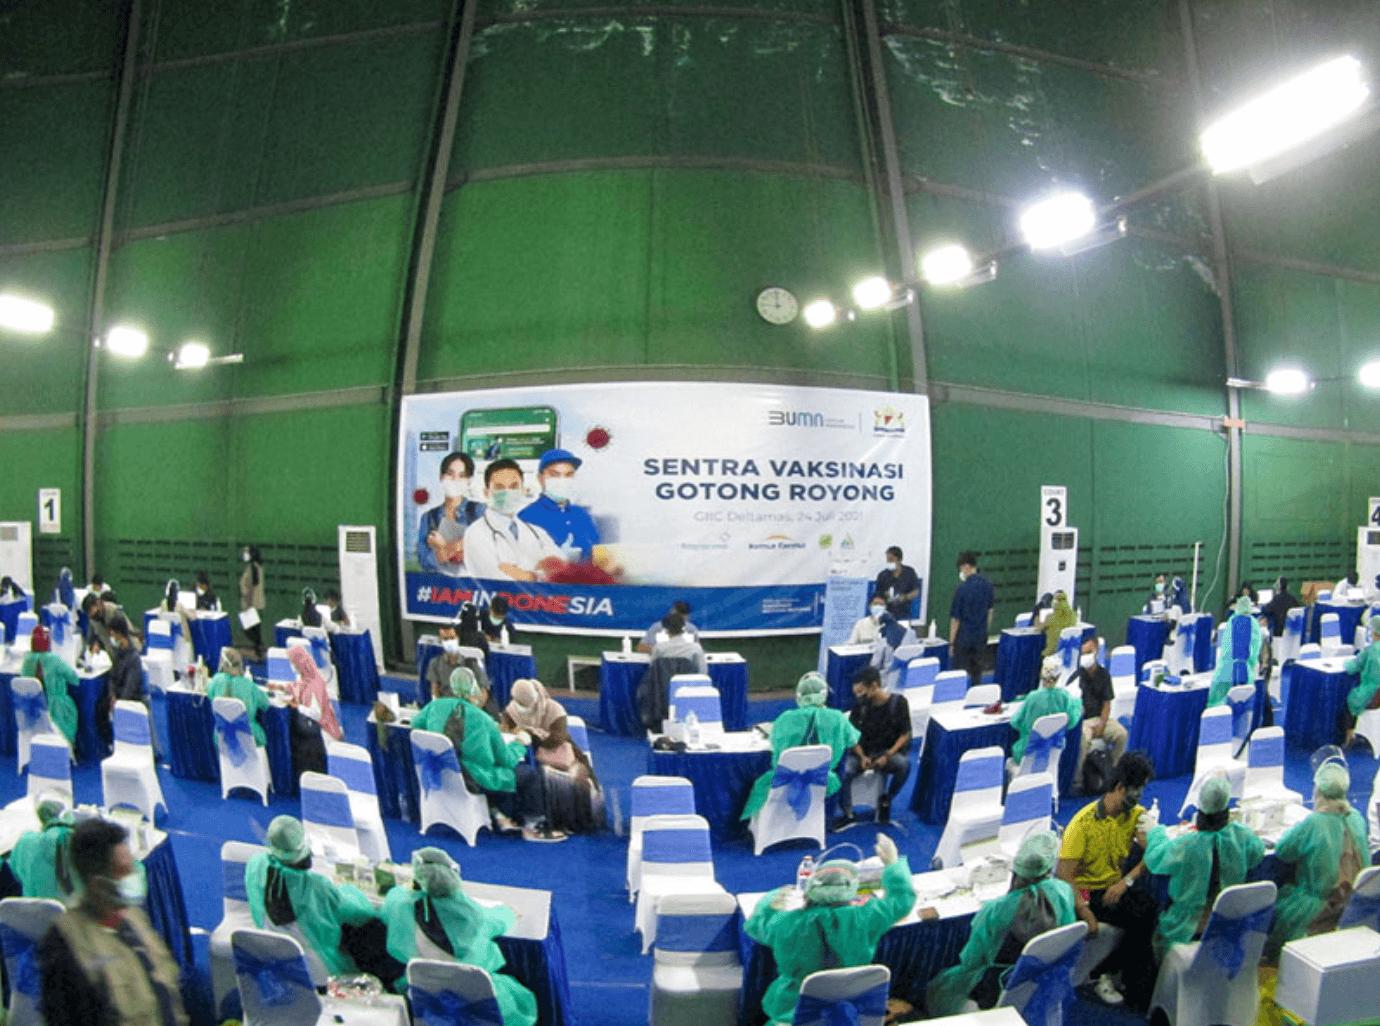 インドネシア:1500人対象に自主接種  GIIC工業団地 KADIN